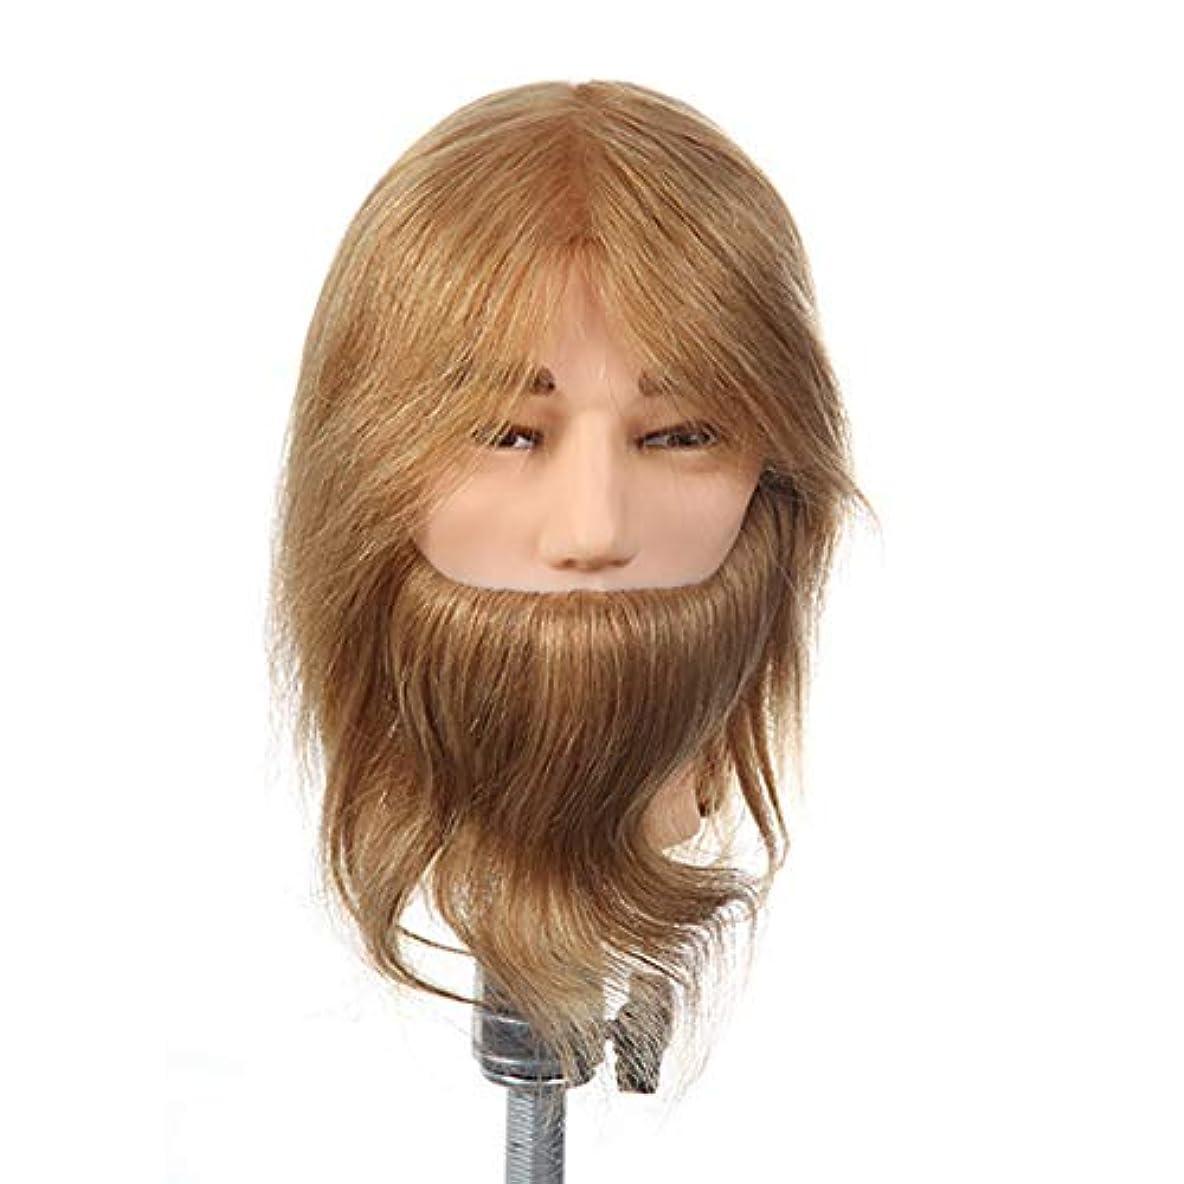 堂々たる祝う従事するサロン学習パーマ髪染めマネキン男スタイリングかつらティーチングヘッドリアル人間の髪ダミーヘッド付きひげロングヘアゴールド